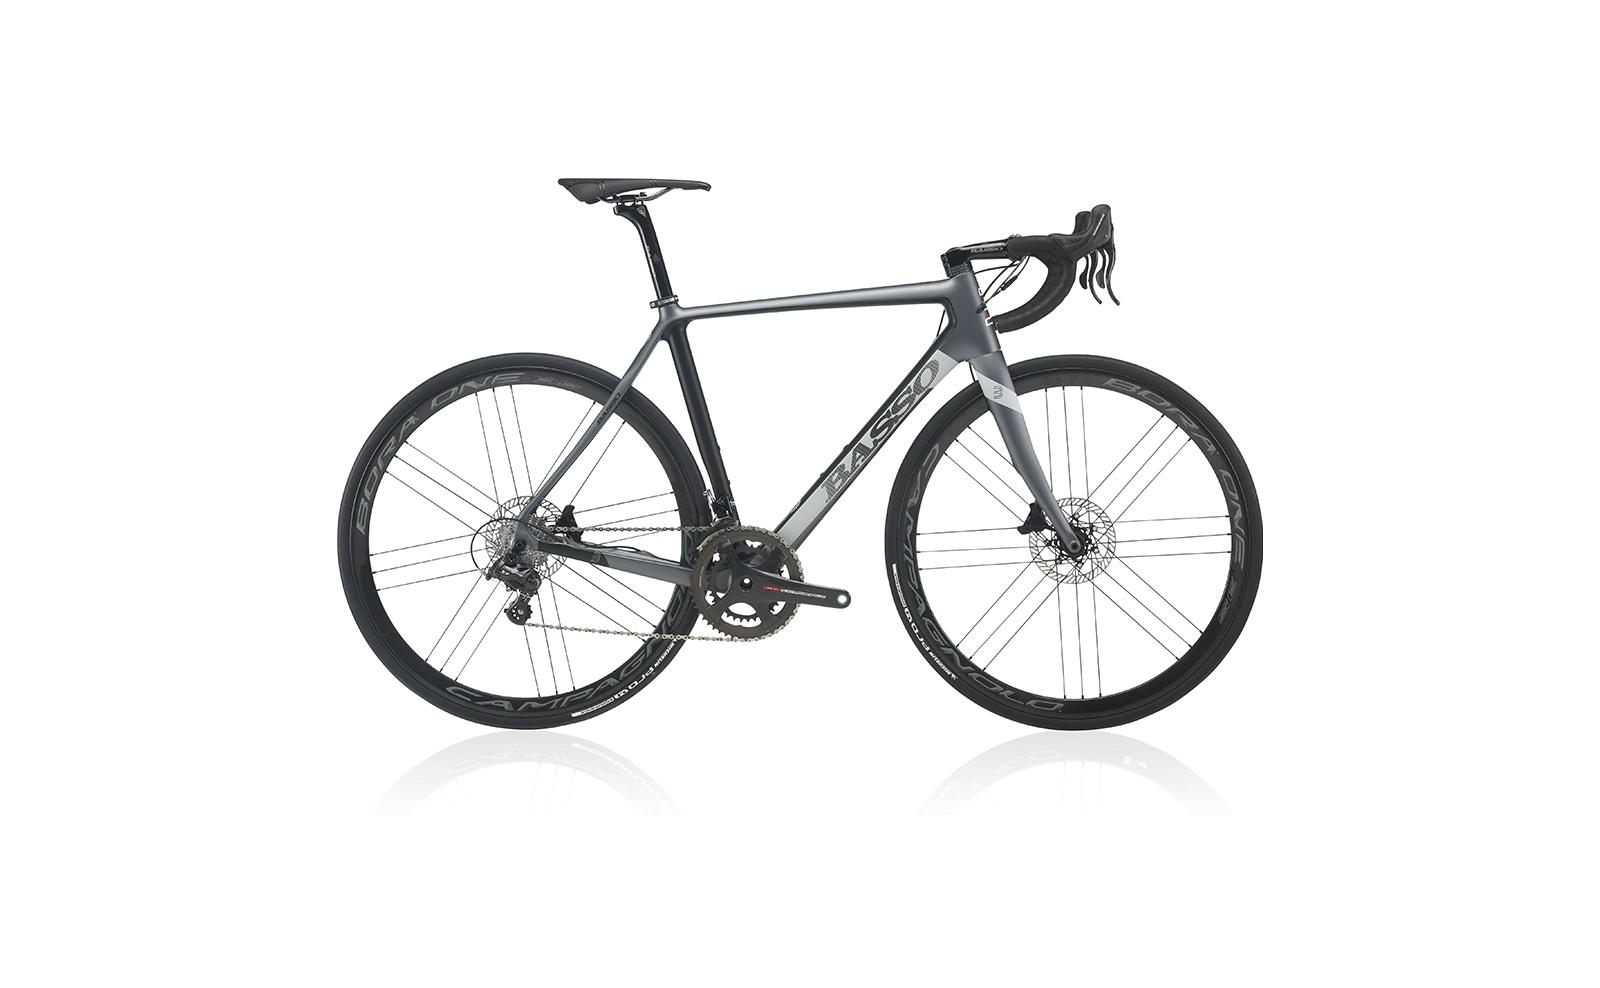 Groß Hybrid Fahrradrahmen Galerie - Benutzerdefinierte Bilderrahmen ...